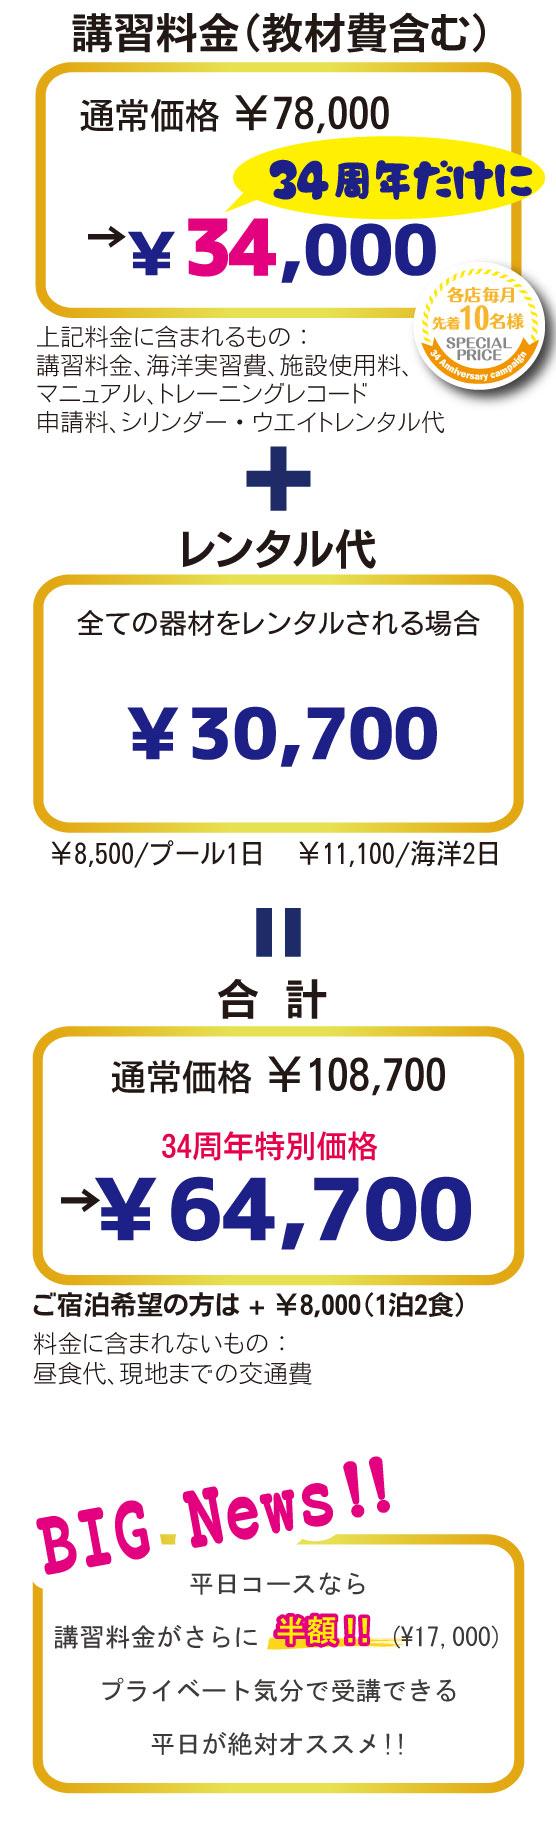 講習料金34,000円+レンタル代30,700円=64,700円